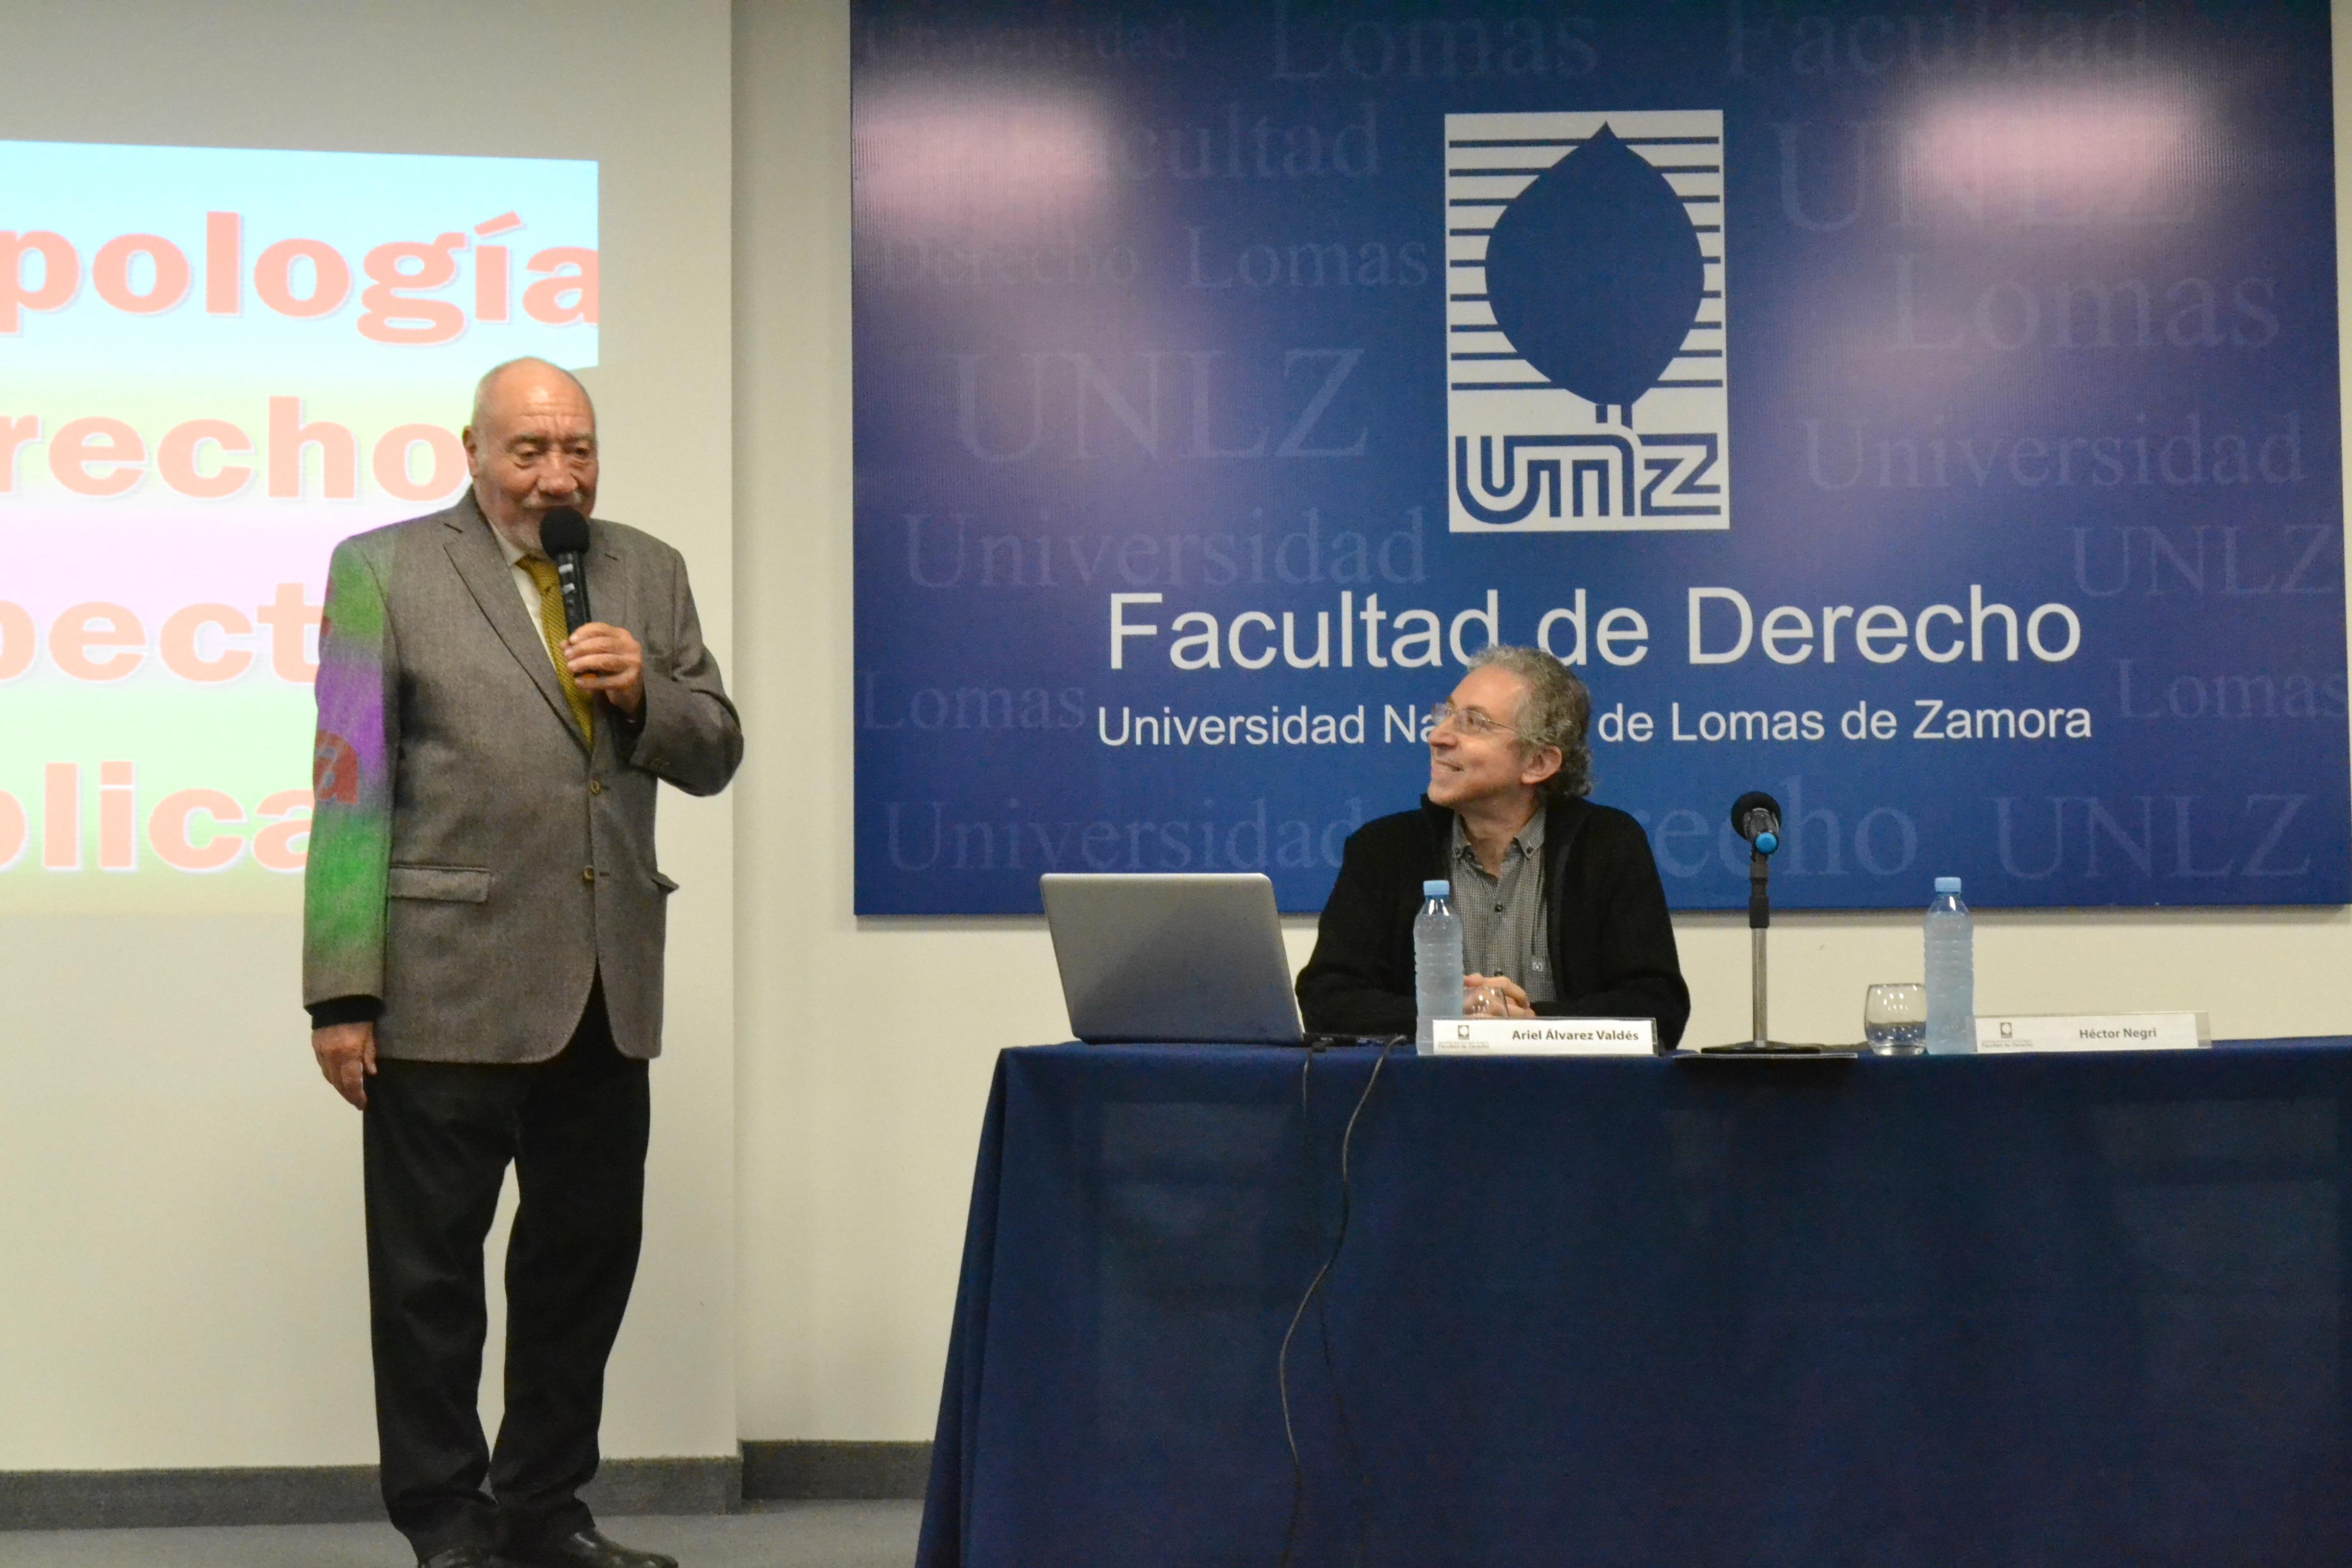 Conferencia Antropología y Derecho desde la Perspectiva Bíblica